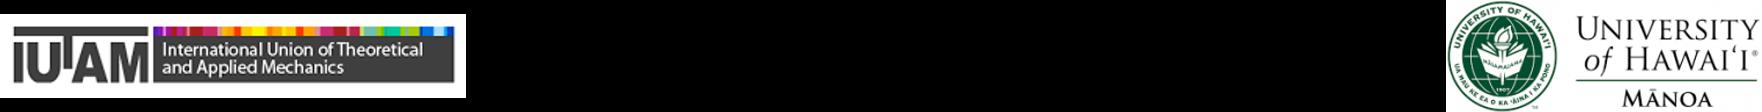 UH Manoa and IUTAM logos